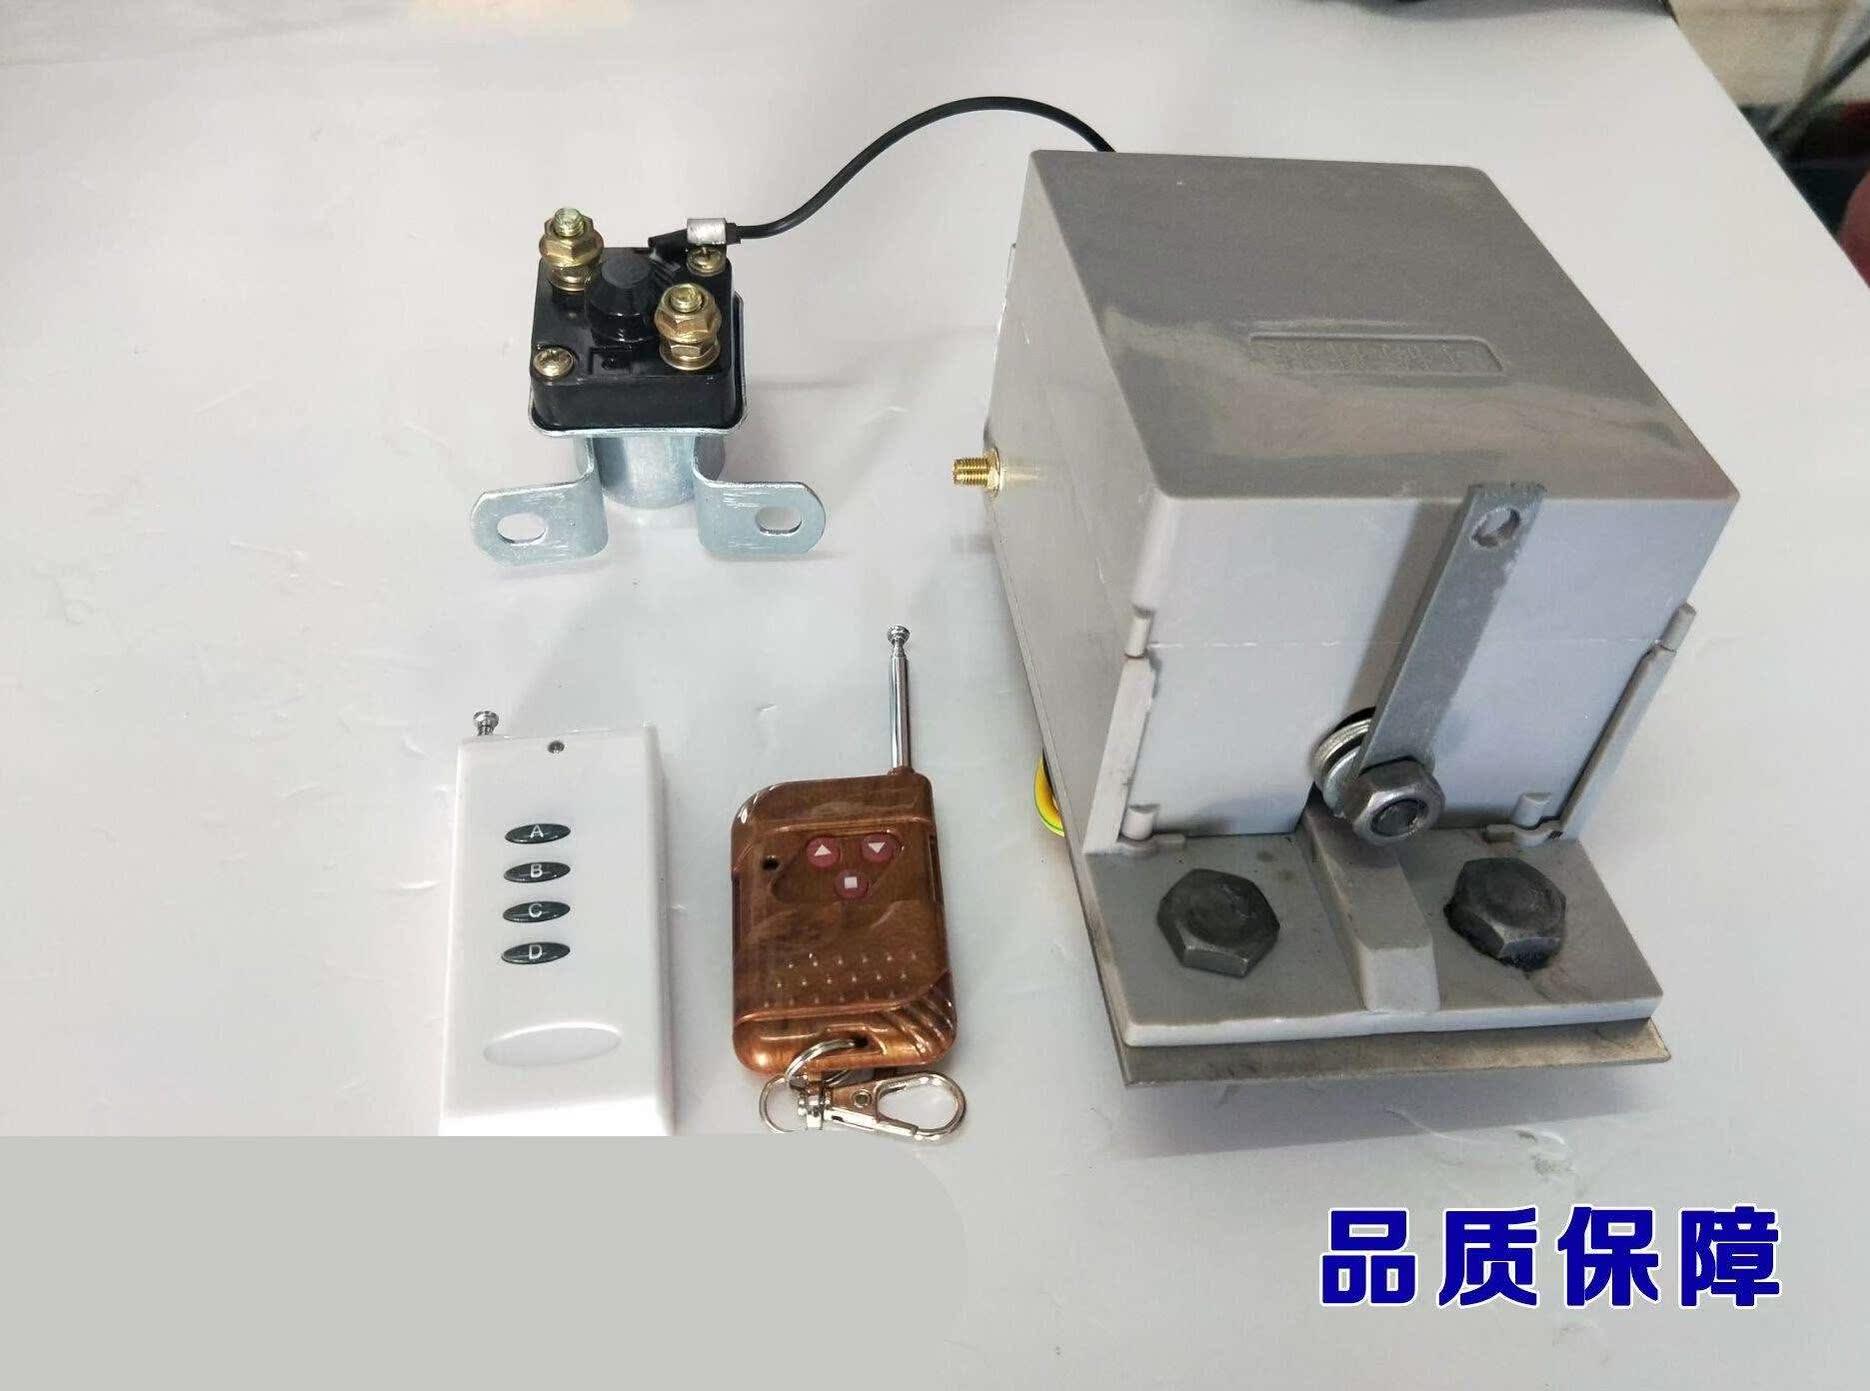 单杠柴油机免摇器启动器 电启动 12v马达继电器一键启动遥控配件